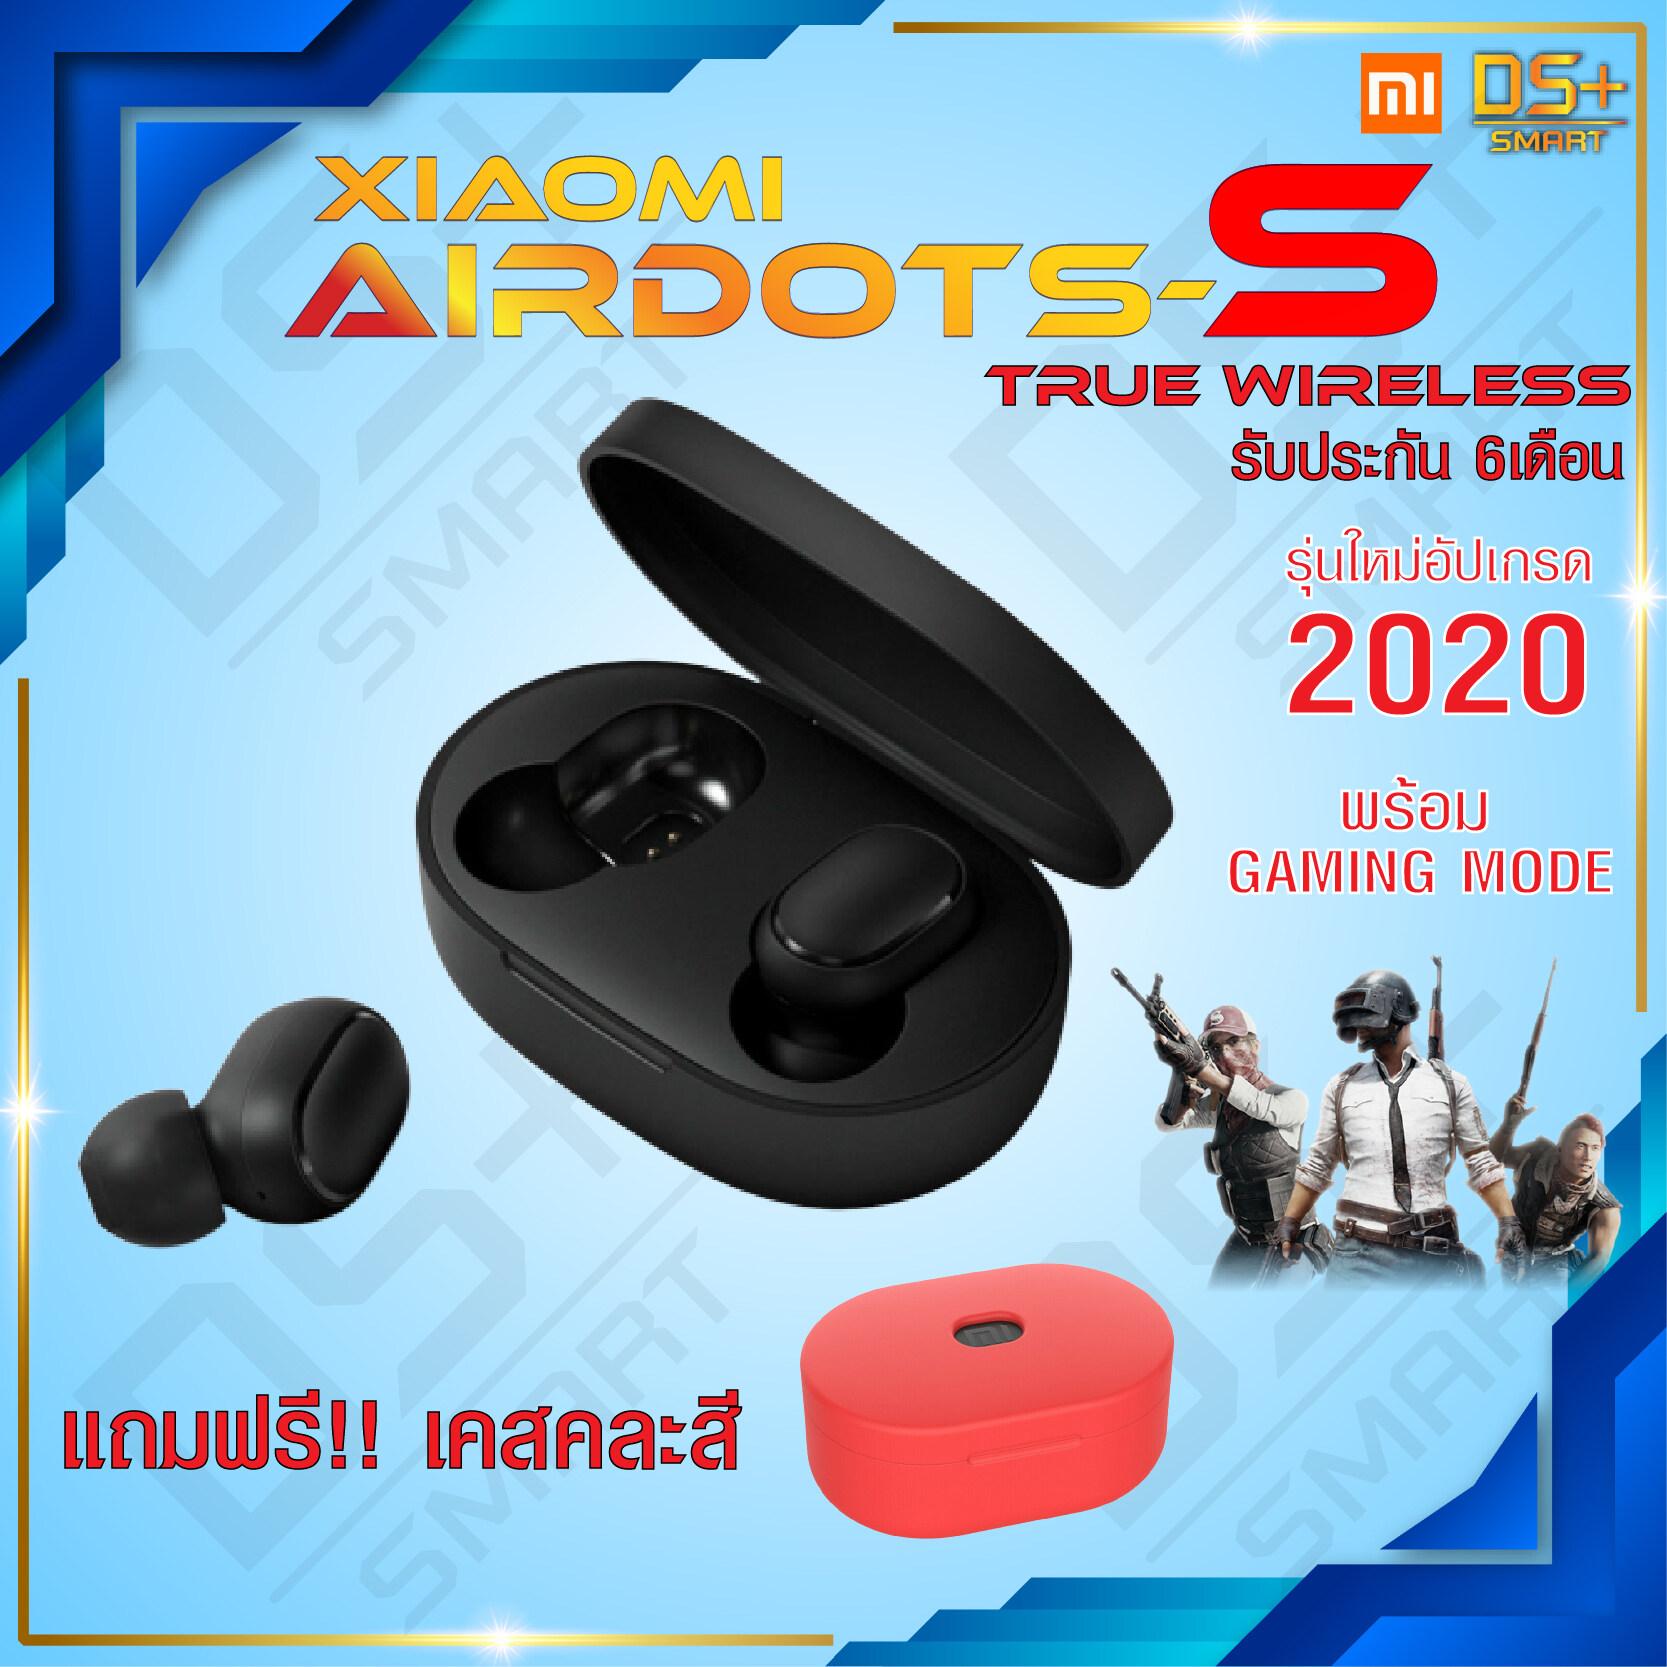 [ของแท้ 100%] Xiaomi Redmi Airdots S [แถมฟรี!! เคสคละสี] หูฟังบลูทูธ หูฟังไร้สาย หูฟังอินเอียร์ หูฟังเอียร์บัด หูฟัง True Wireless 5.0 Tws น้ำหนักเบา เสียงแน่นเบสหนัก - [รับประกันร้าน 6เดือน].